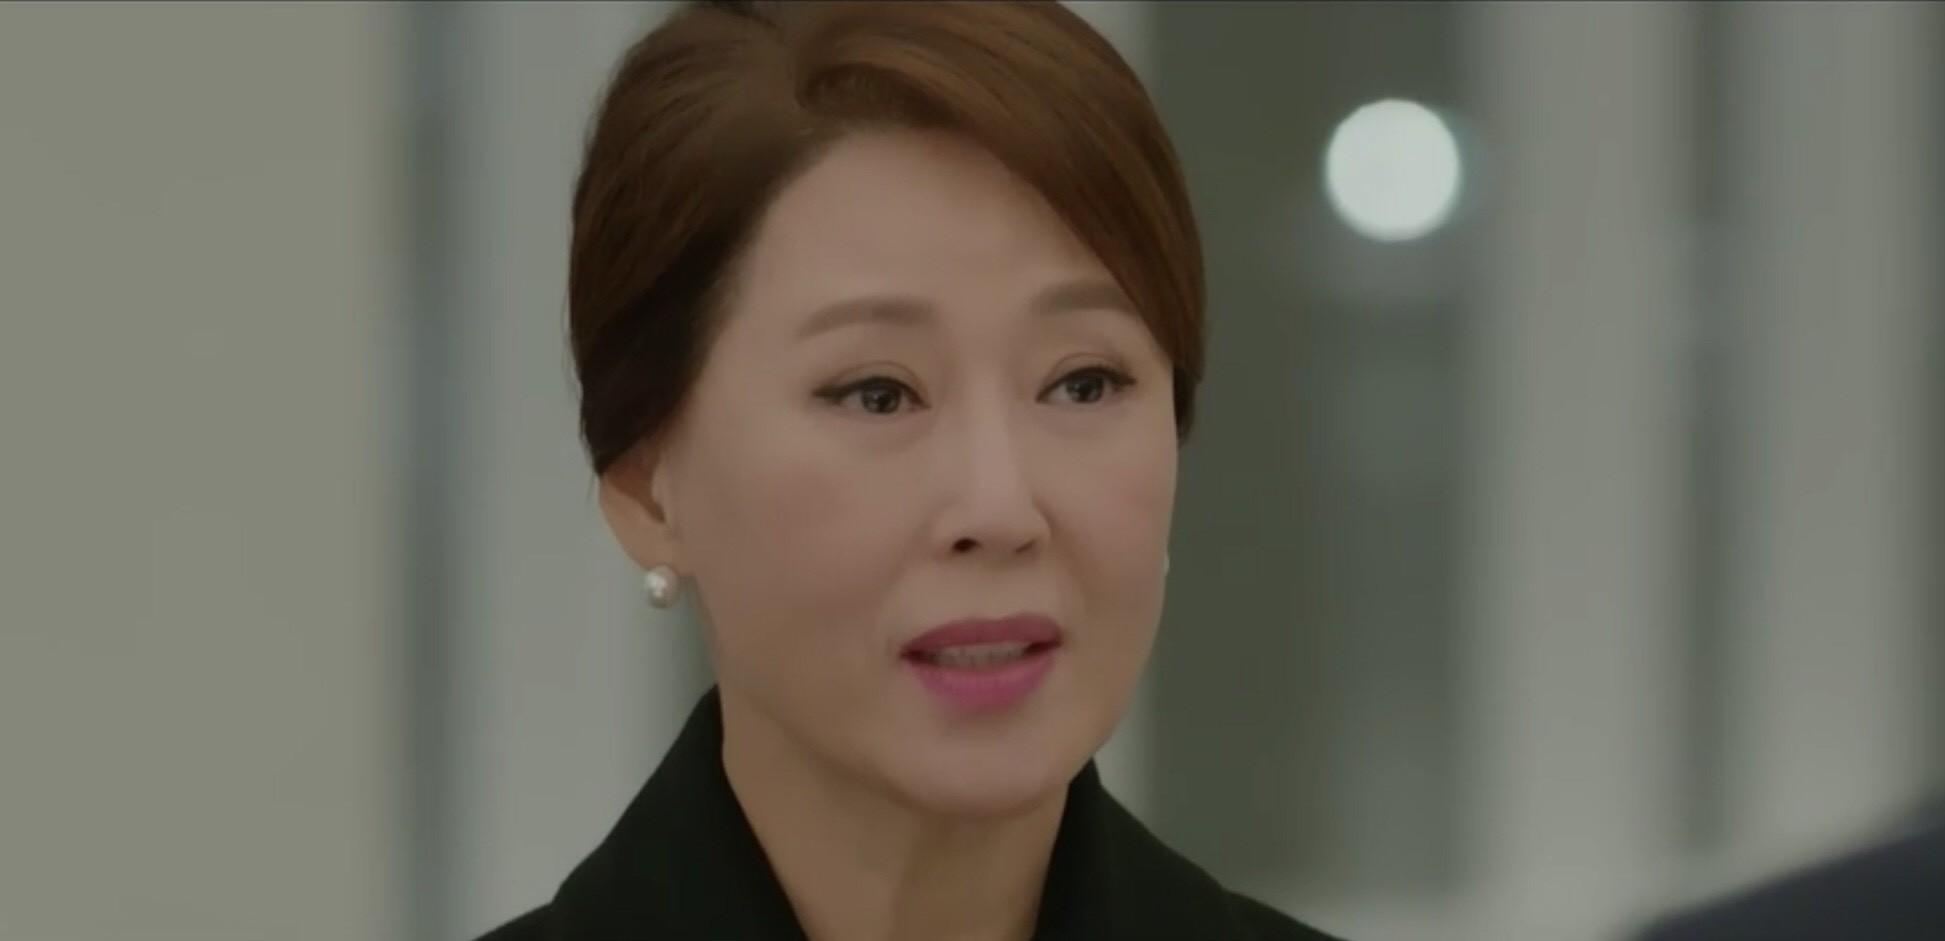 Nhờ chị sếp Song Hye Kyo trả thính liên tục, rating Encounter lại tăng nhẹ - Ảnh 5.